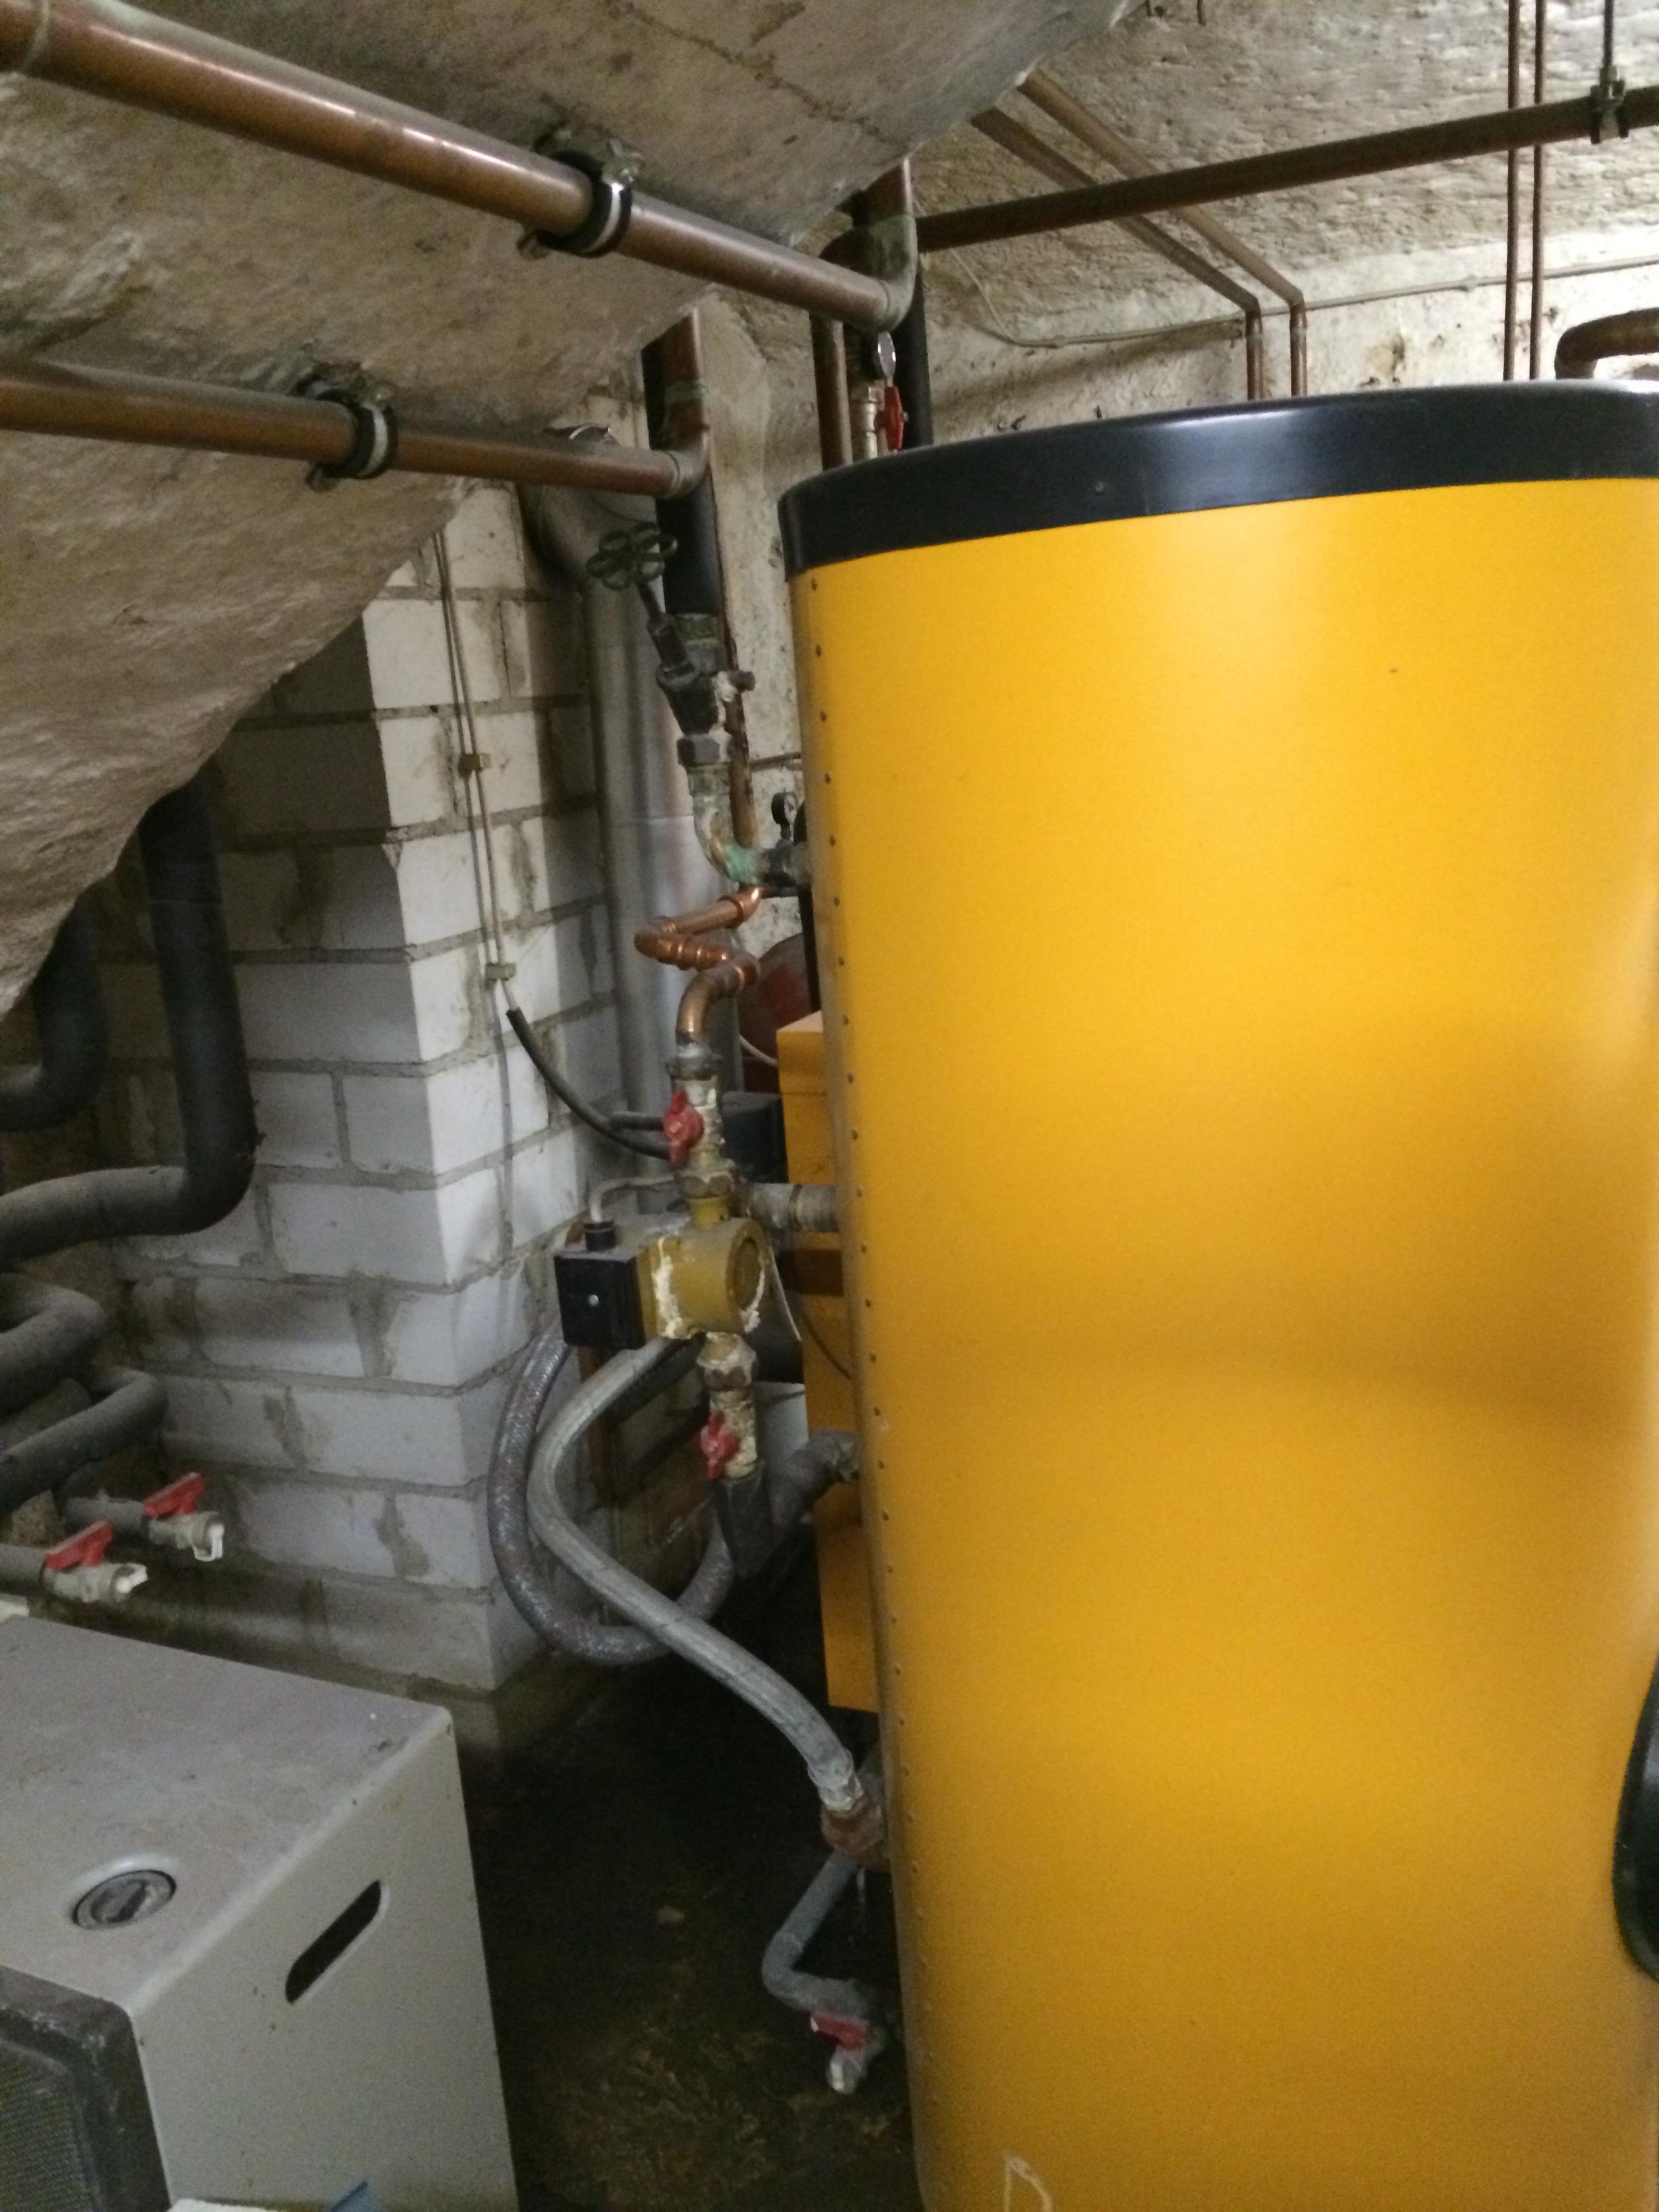 Wasser Aus Heizung Ablassen Perfect Richtig Wechseln Ohne Wasser